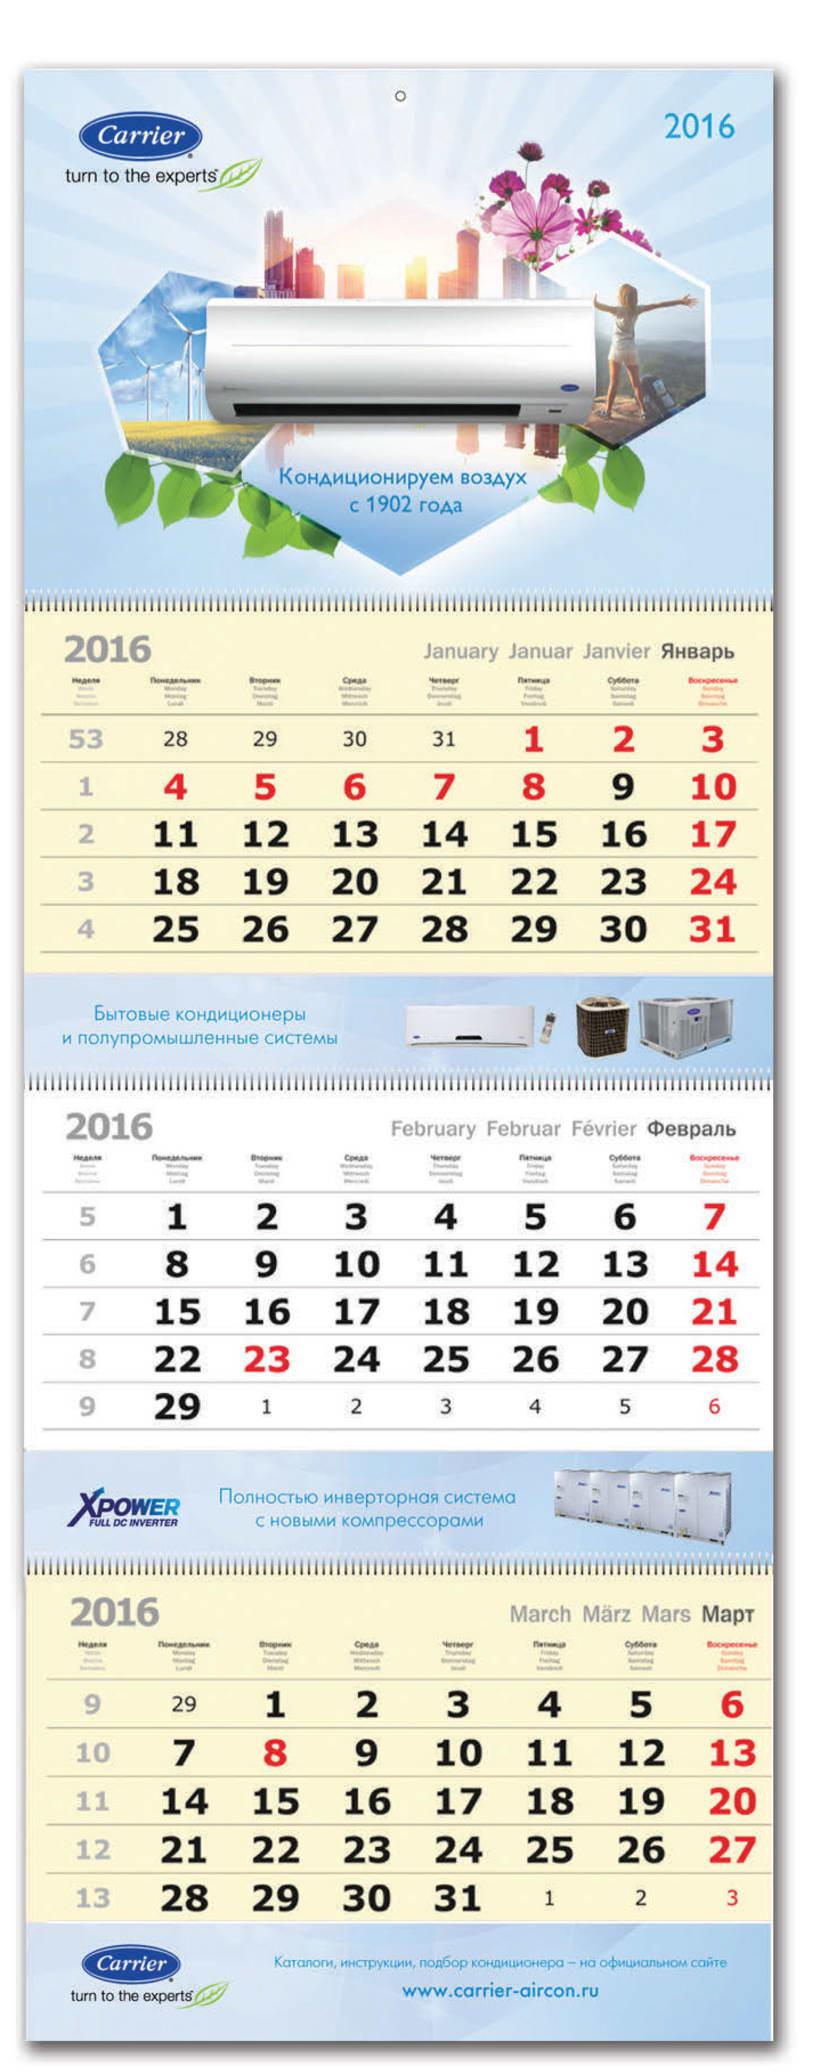 Calendarios para Carrier 0